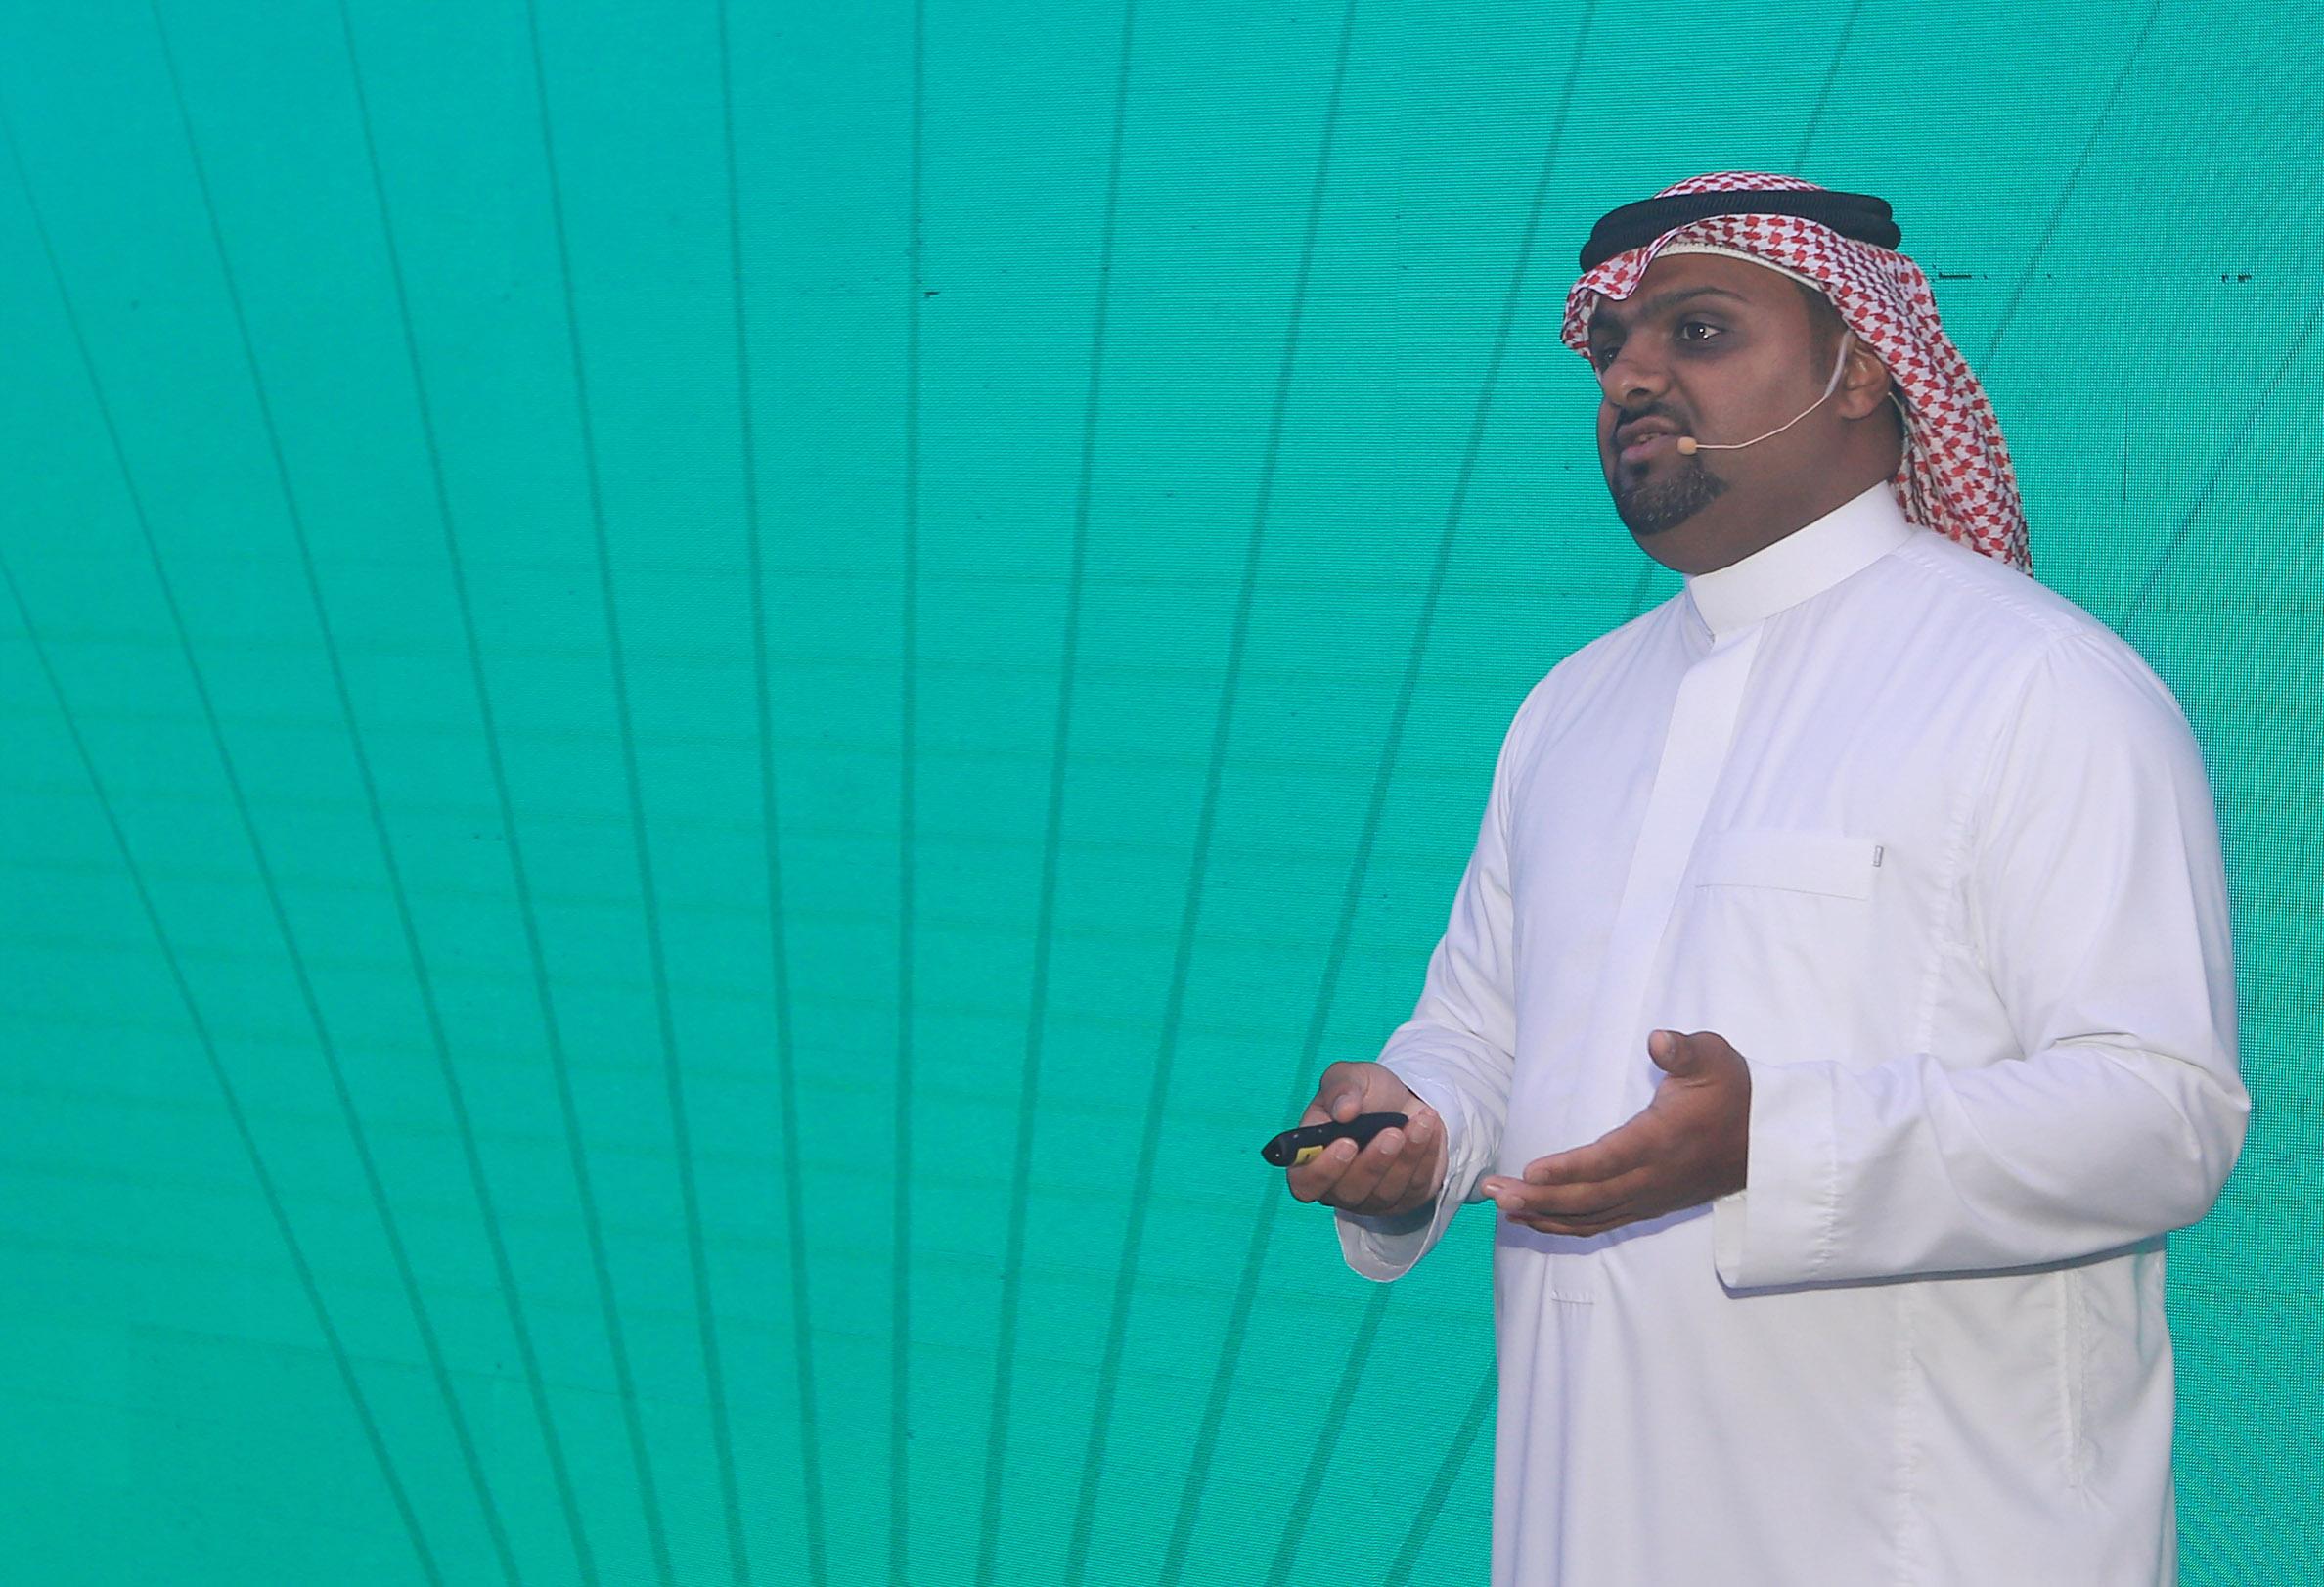 مجلس إدارة #نادي_الخليج يطلق باكورة فعاليات #يوبيل_الخليج_الماسي بحفل تدشين الهوية البصرية